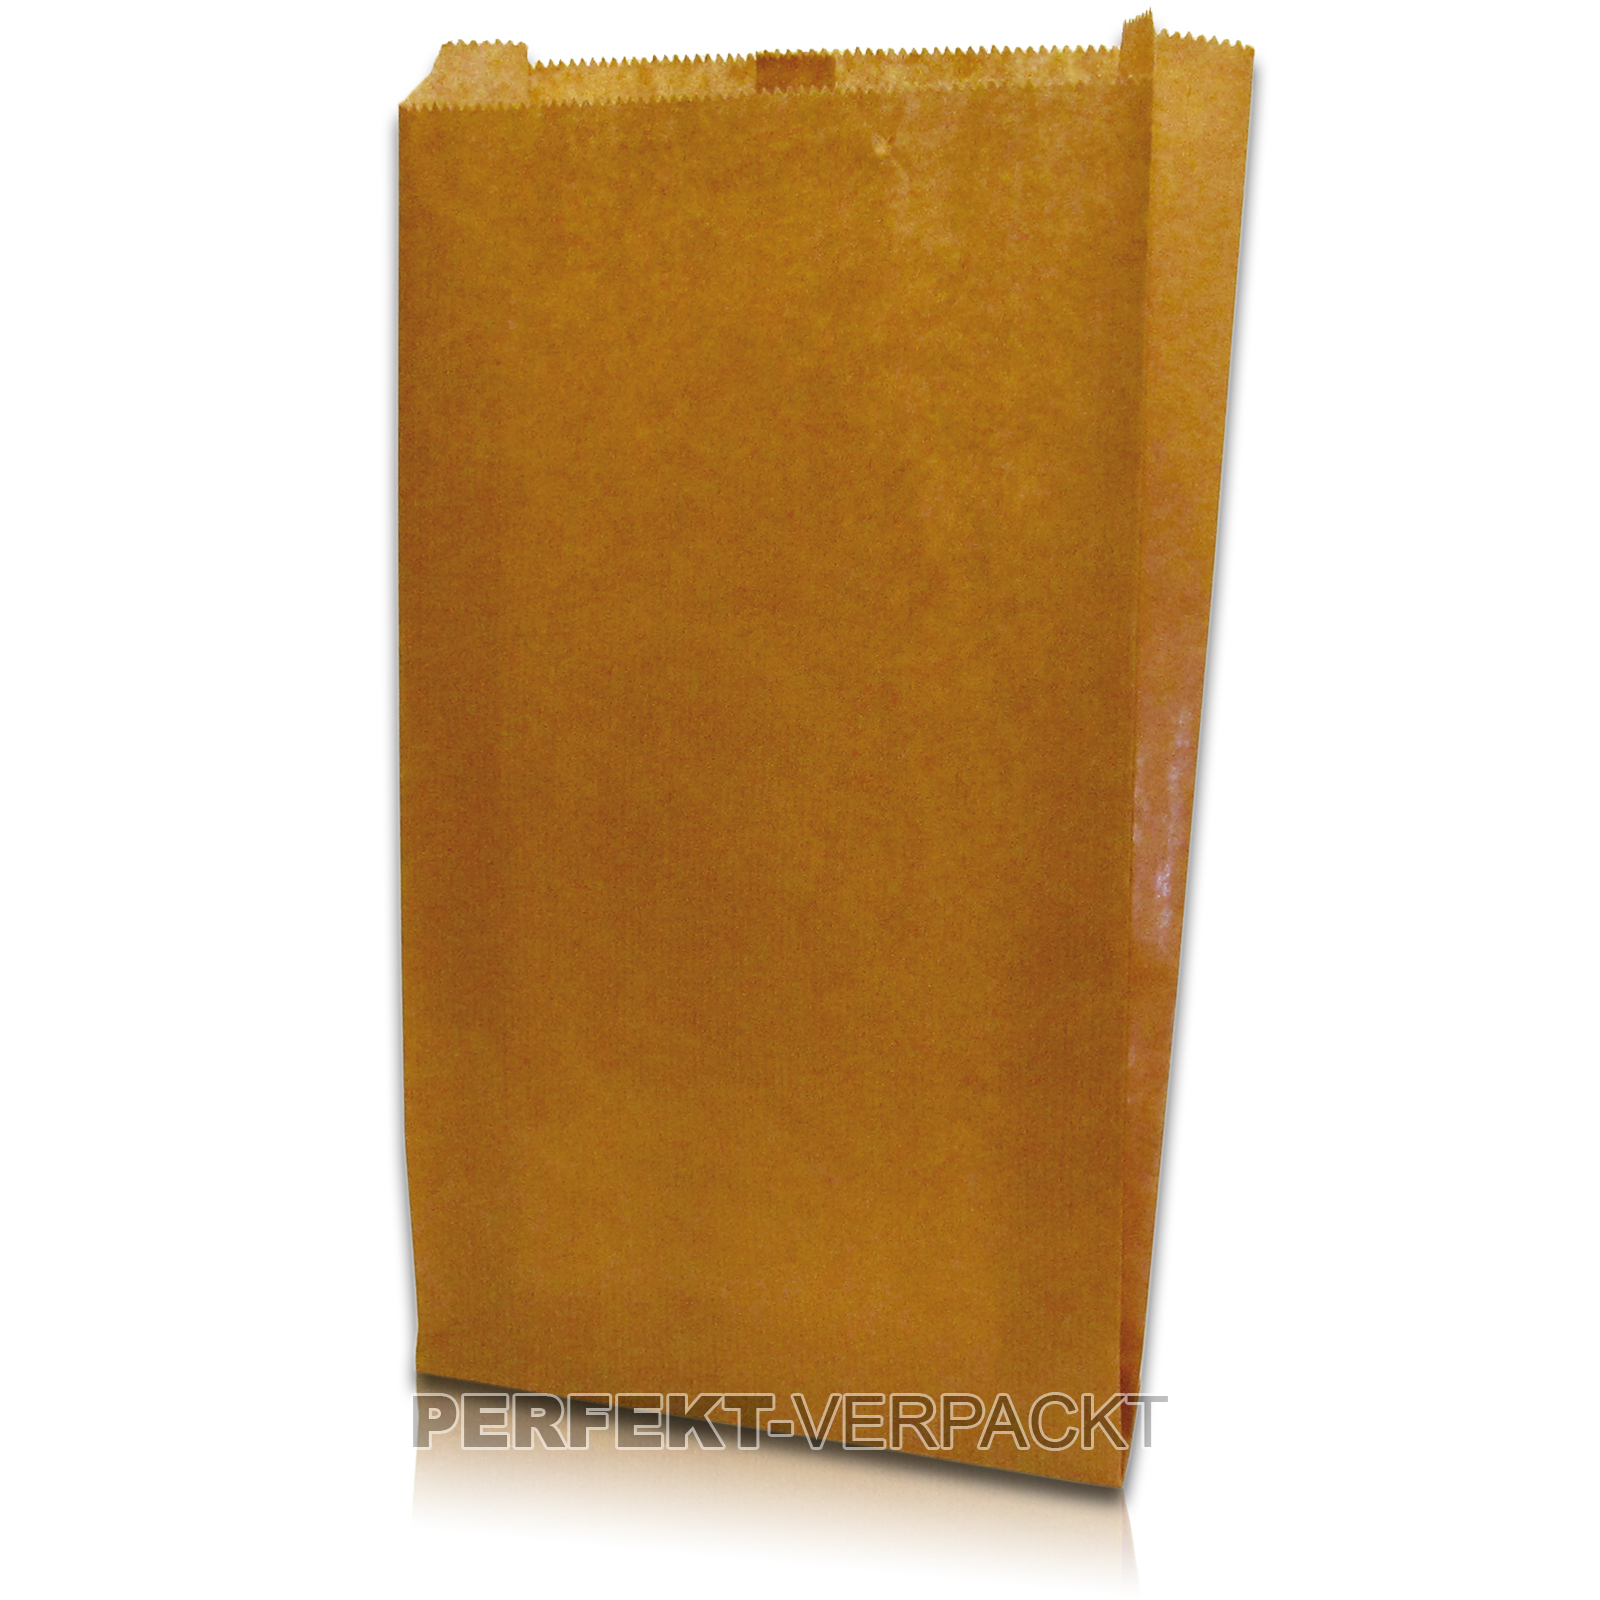 1.000 Faltenbeutel 17x5x28cm #56 aus braunem Kraftpapier unbedruckt